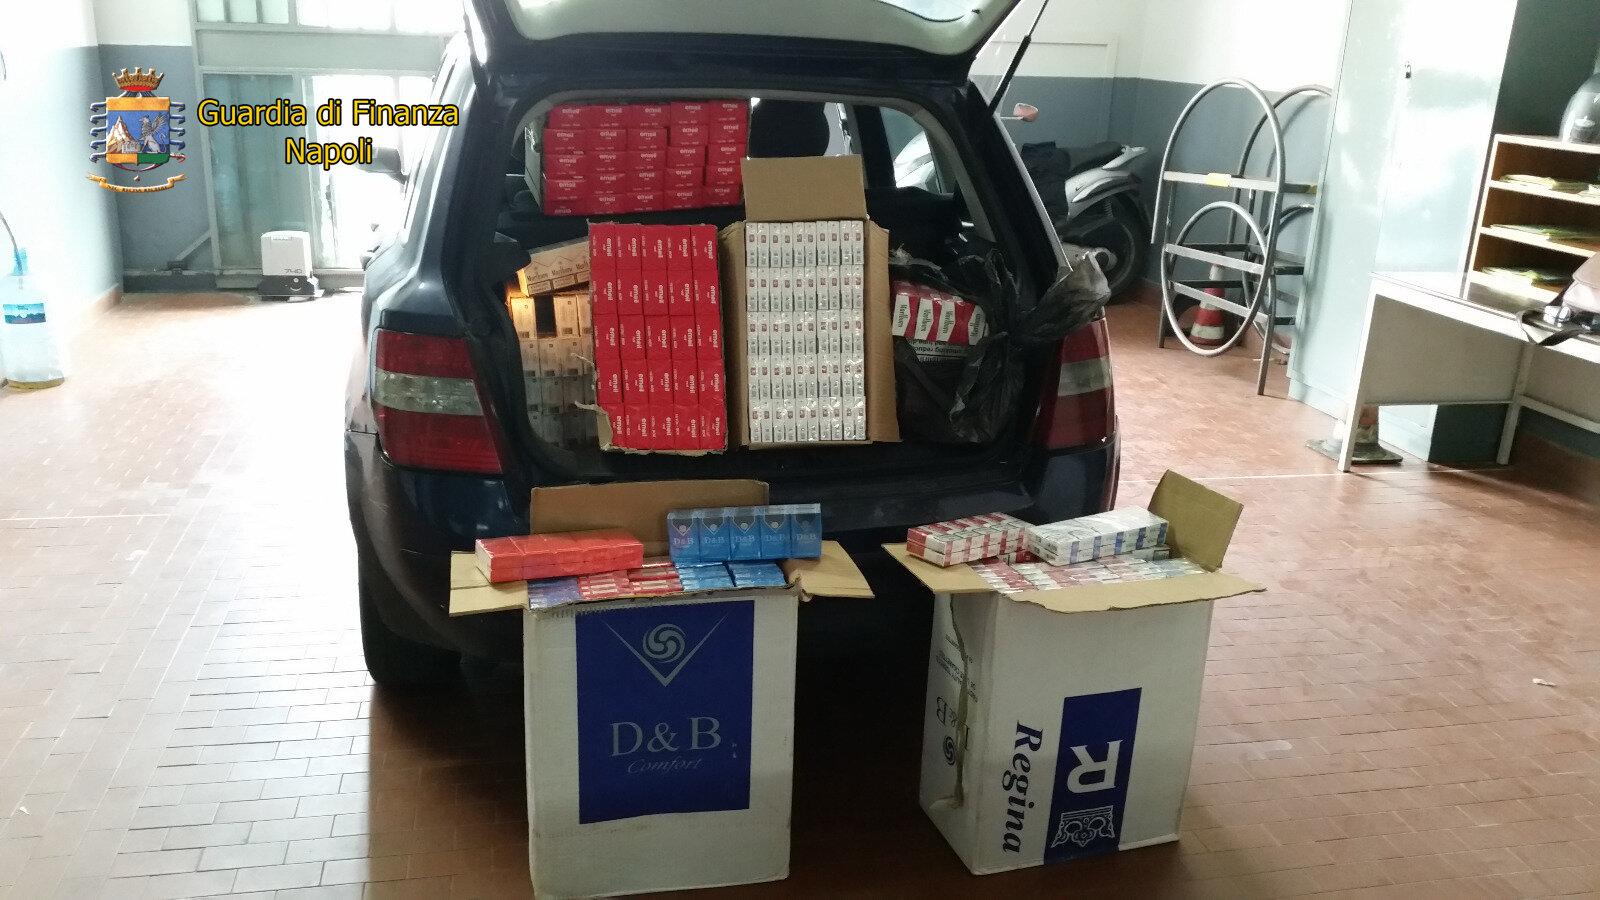 La Guardia di Finanza stronca il contrabbando di sigarette nel nolano